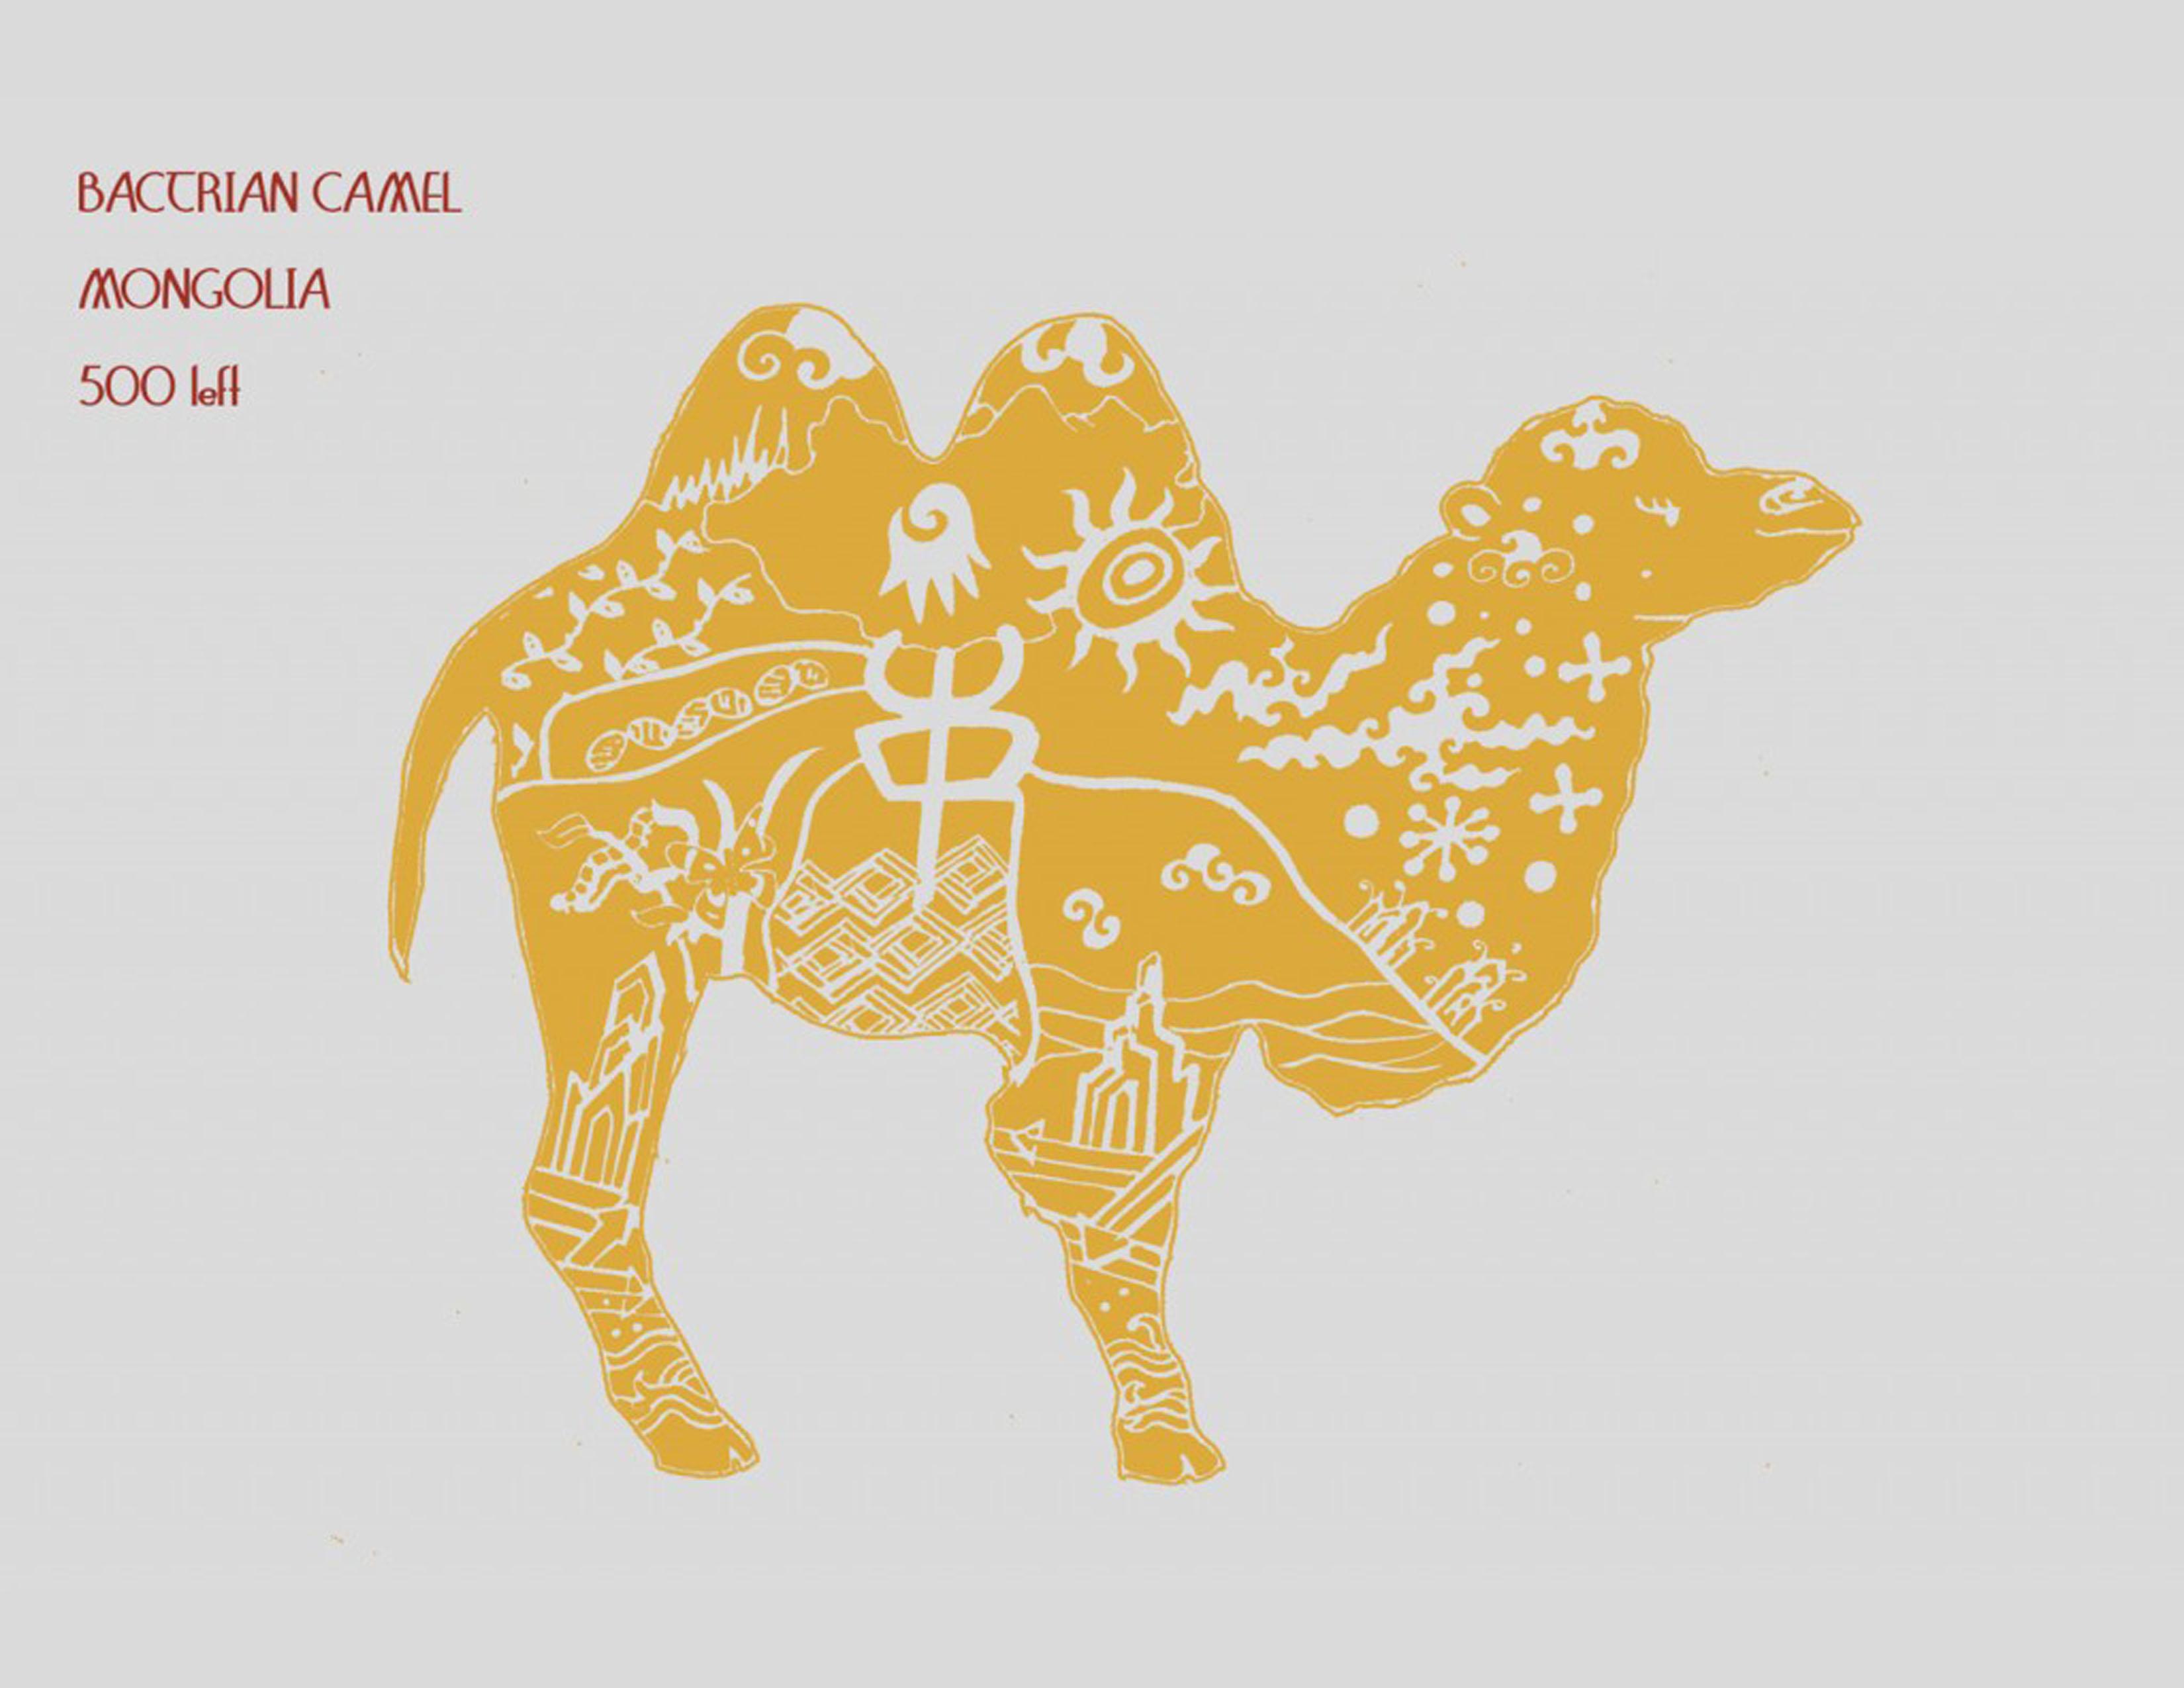 8a-catrian-camel